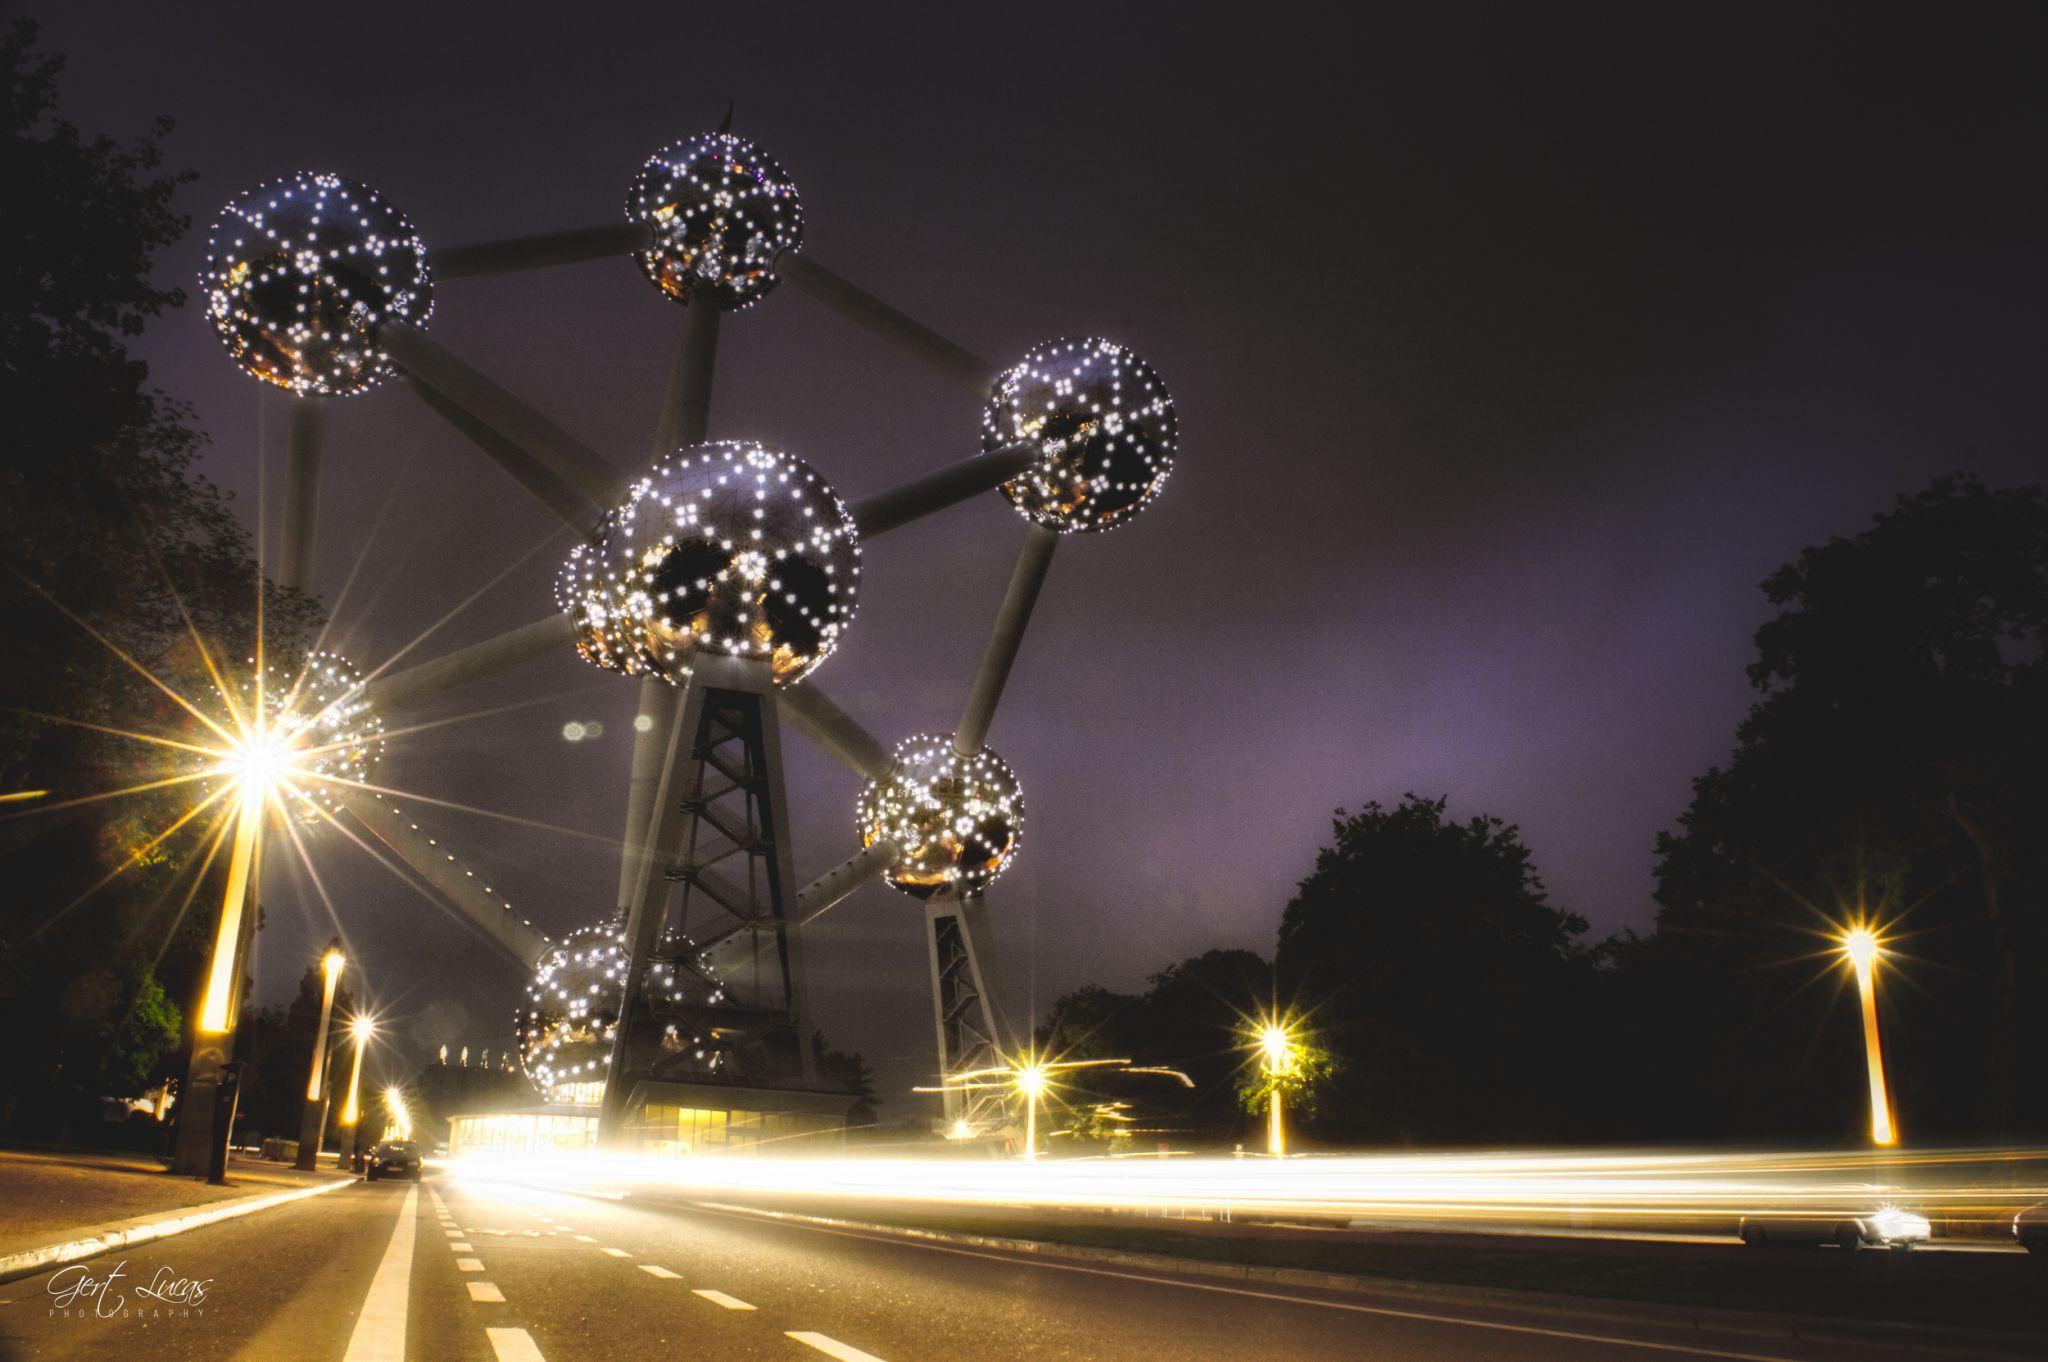 Atomium - the Launcher, Belgium